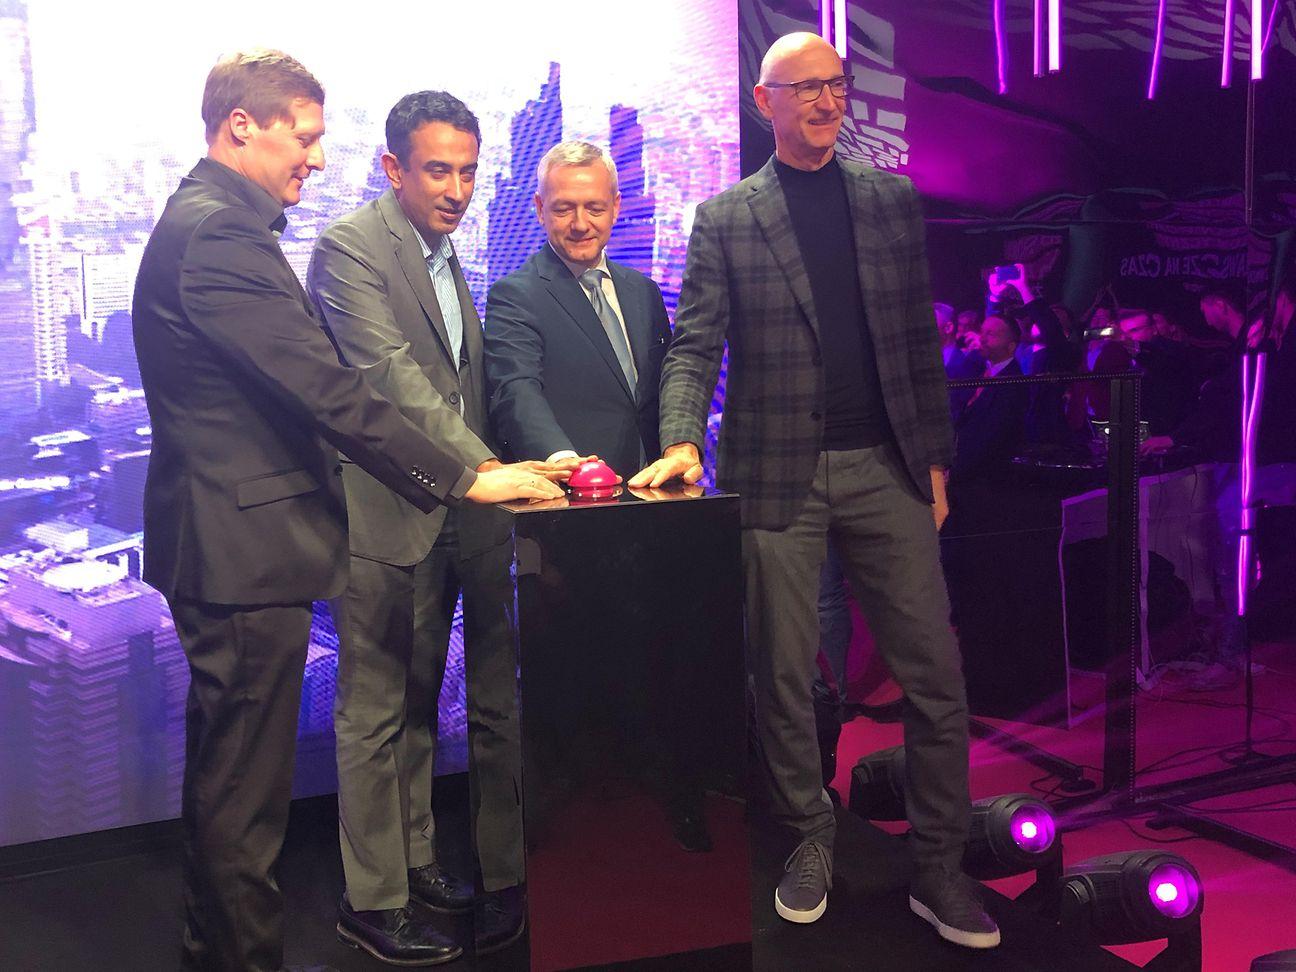 德国电信在华沙启动东欧首个5G网络,使用华为设备 图源:德国电信(Deutsche Telekom)